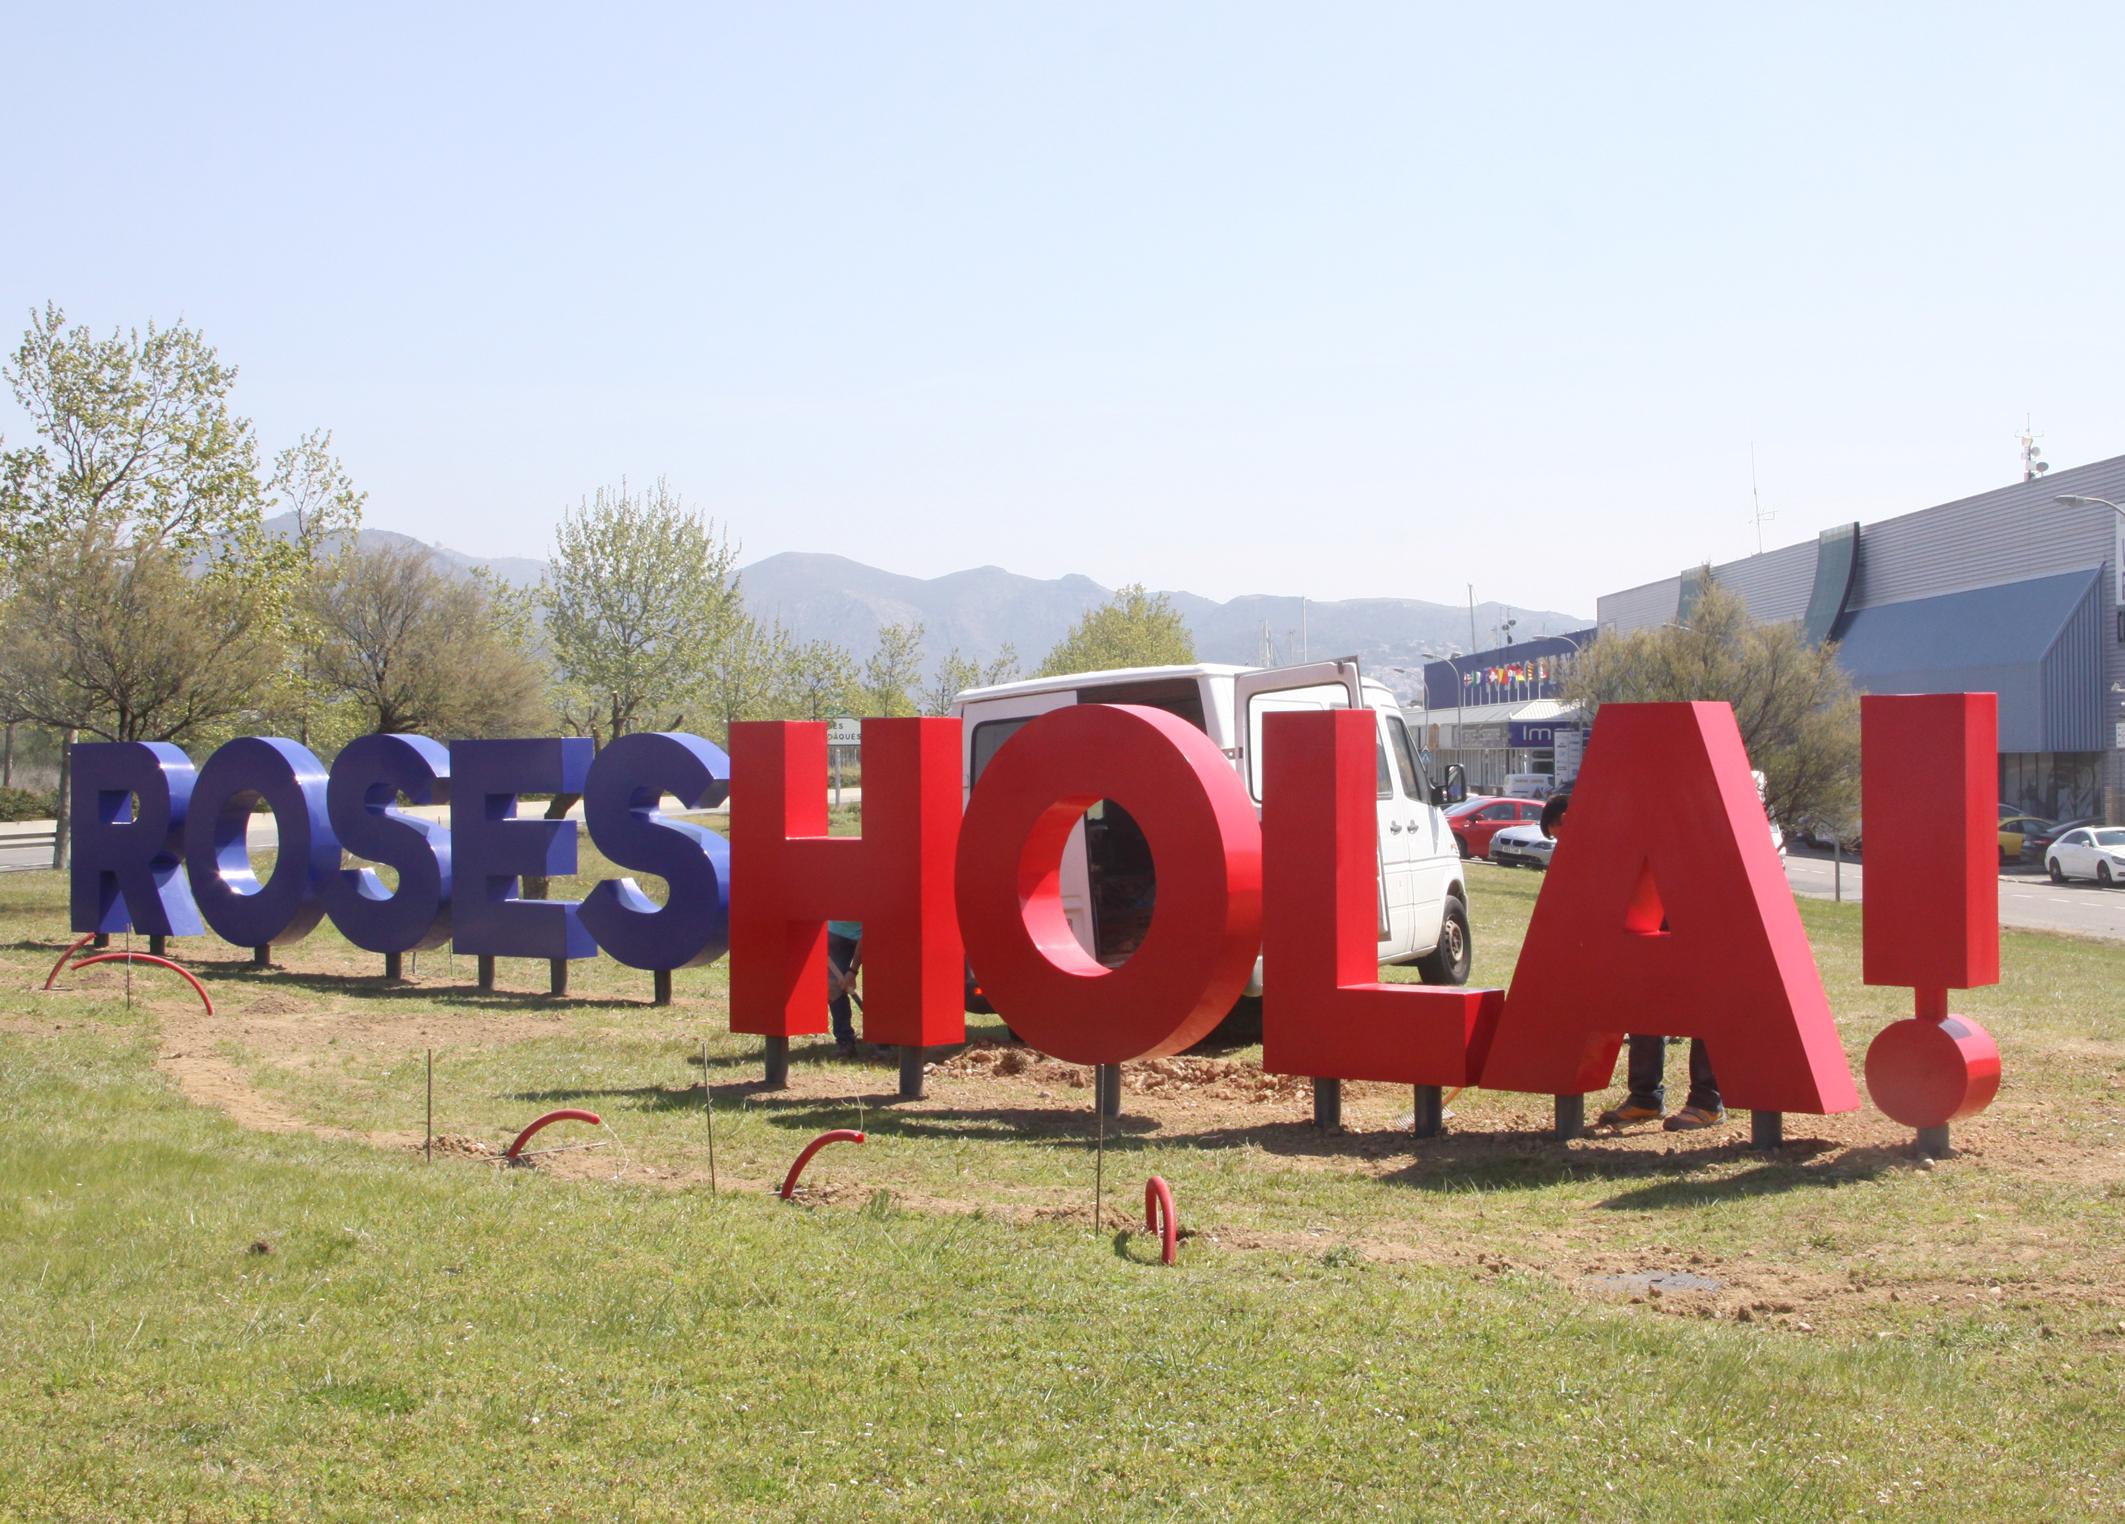 Un rètol de grans dimensions amb les paraules Hola! Roses dóna la benvinguda a la població